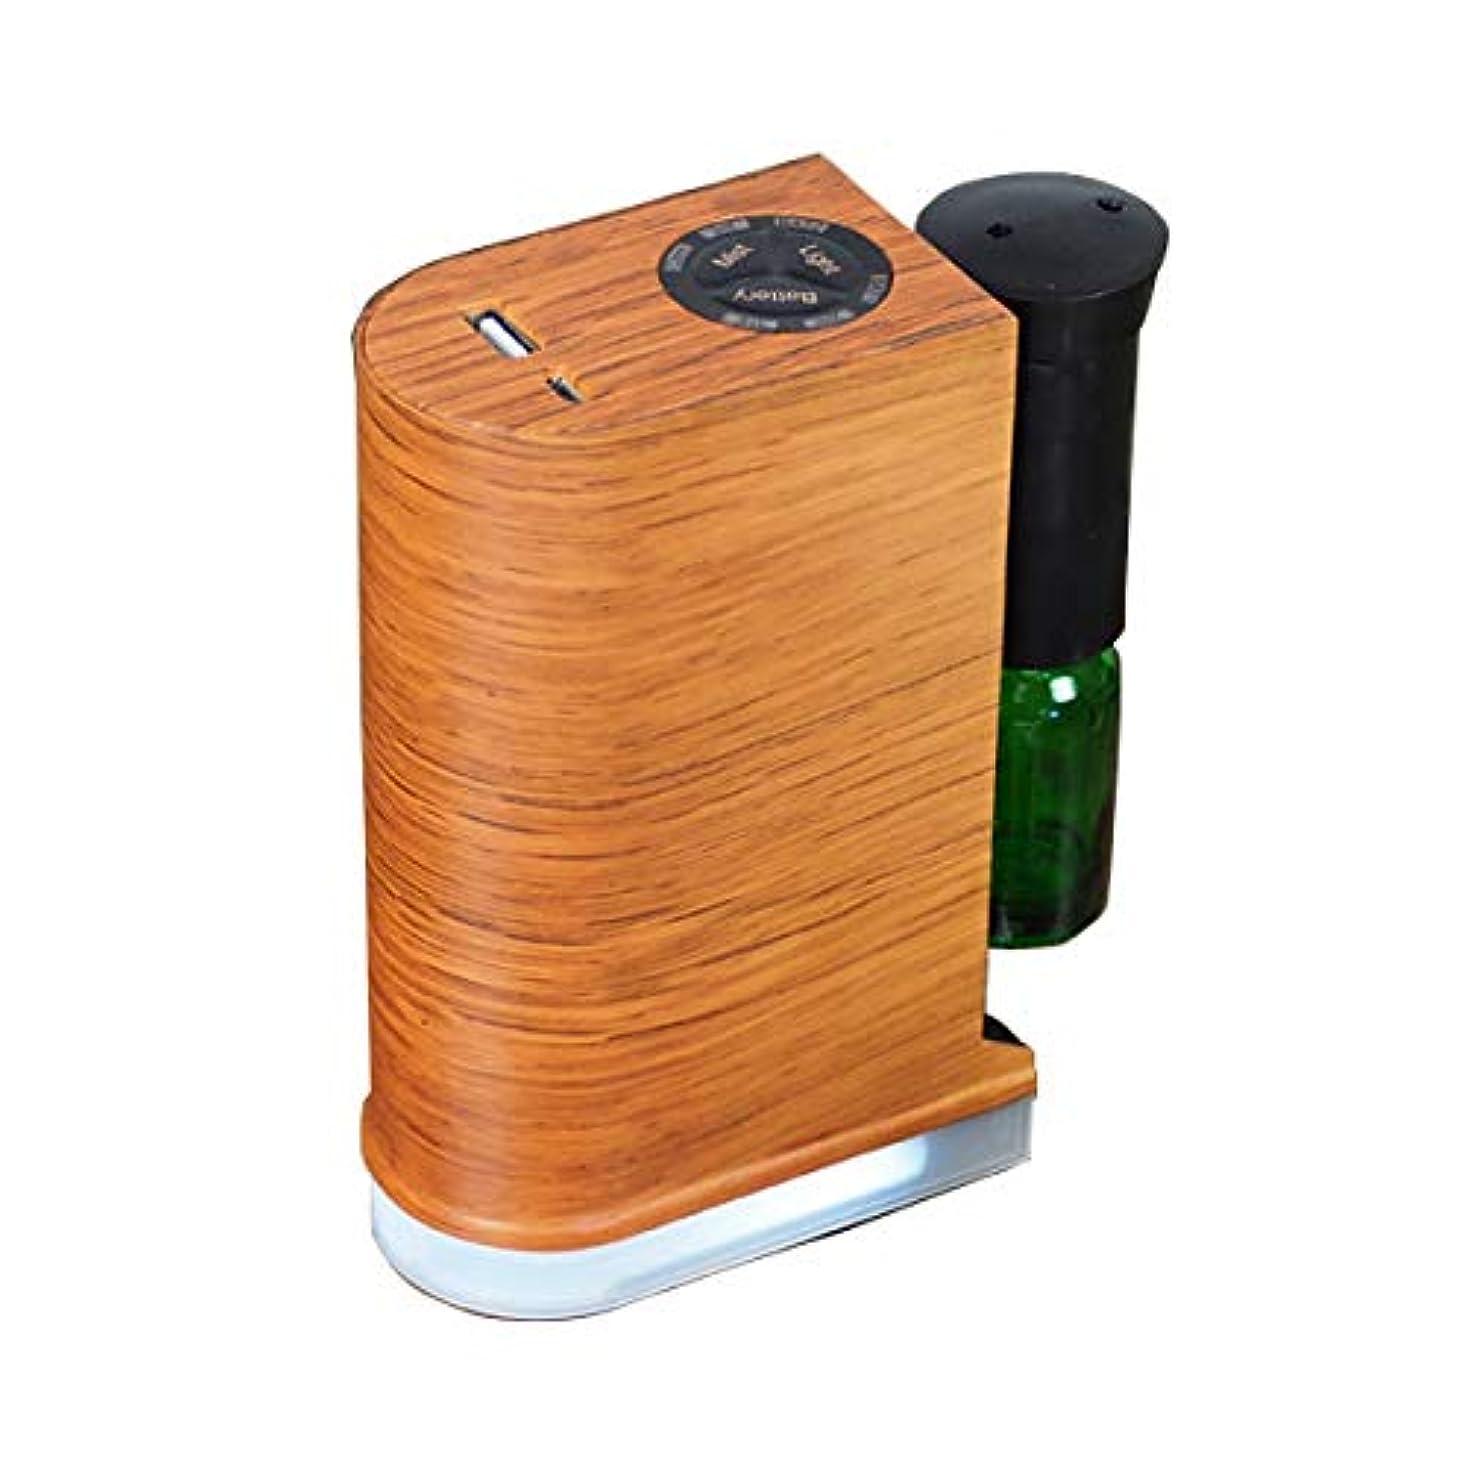 アンプ良心メナジェリーアロマデュフューザー 水を使わない ネブライザー式アロマディフューザー LED搭載 アロマオイル 精油 アロマ芳香 (ブラウン)